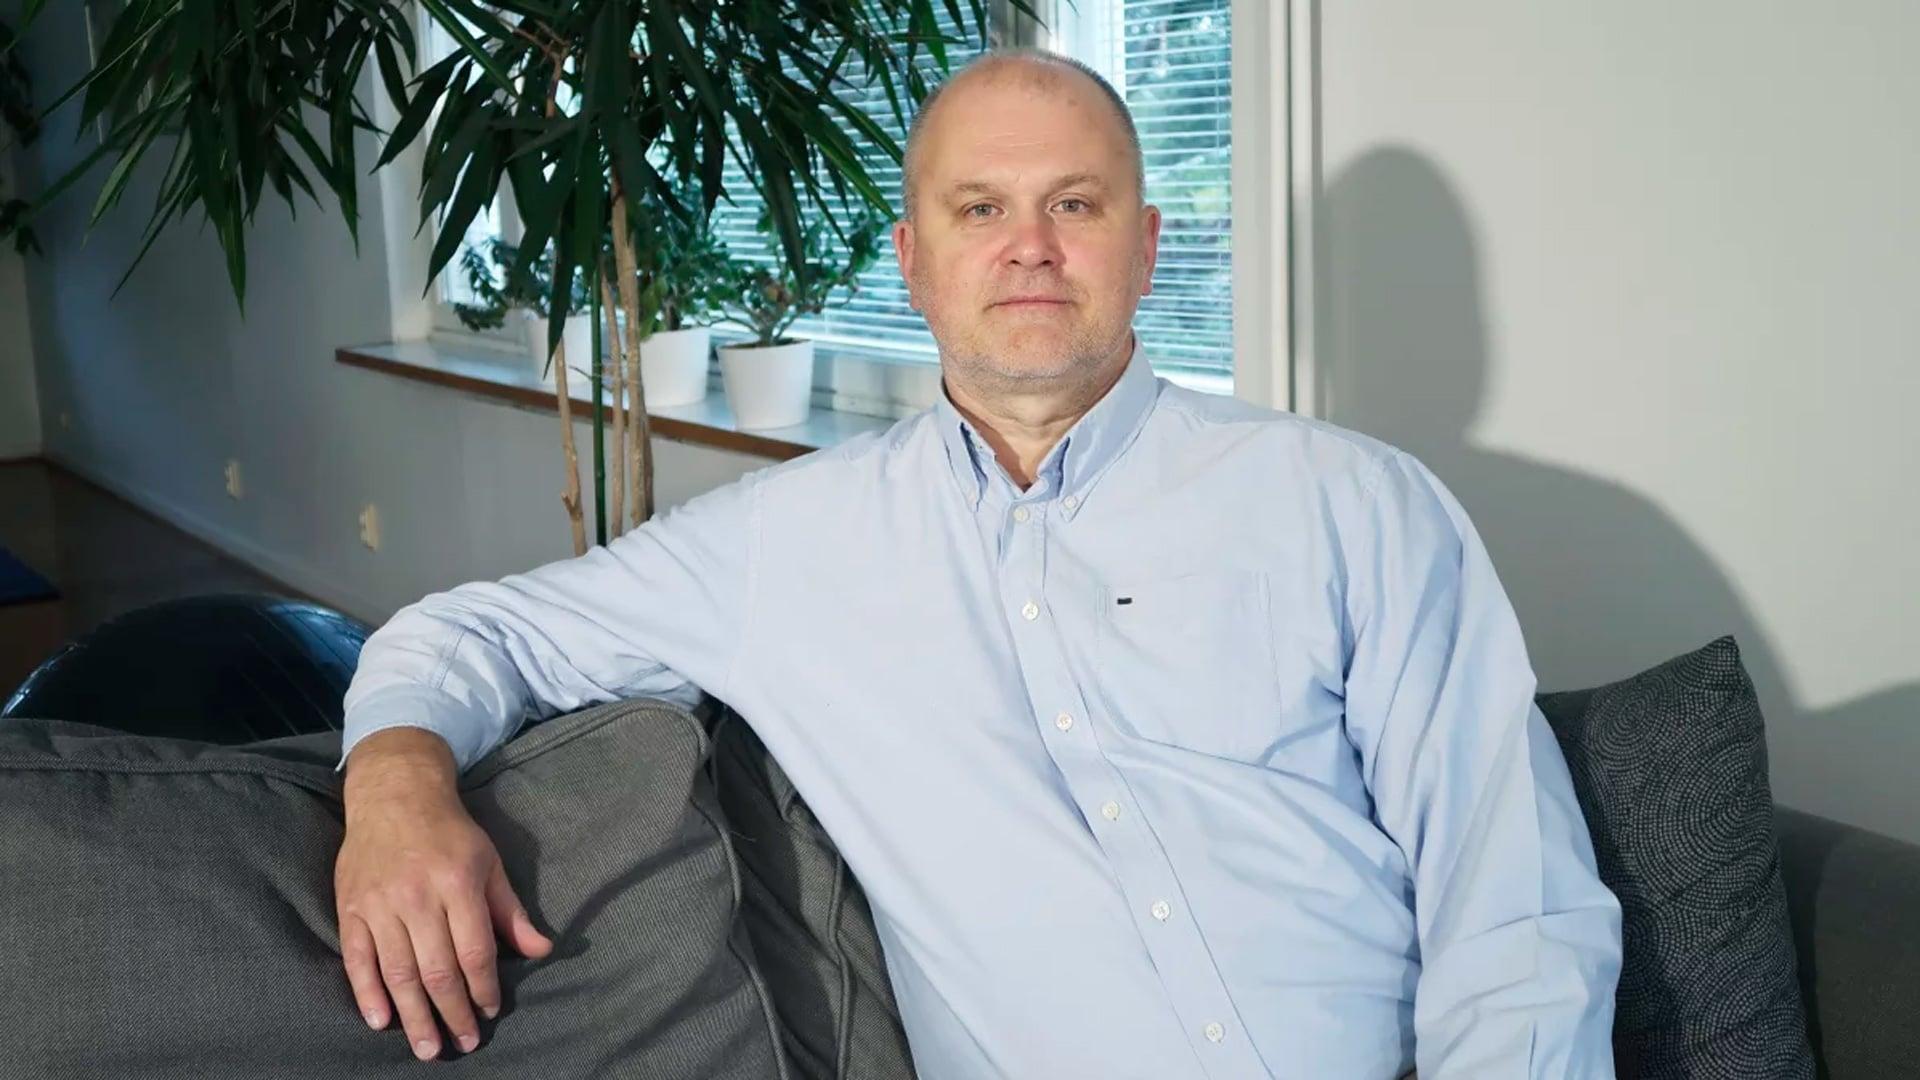 Ylen uutistoiminnan johtajaksi nimitetty Jouko Jokinen: Olen Ylen suurkuluttaja, minulla on ...